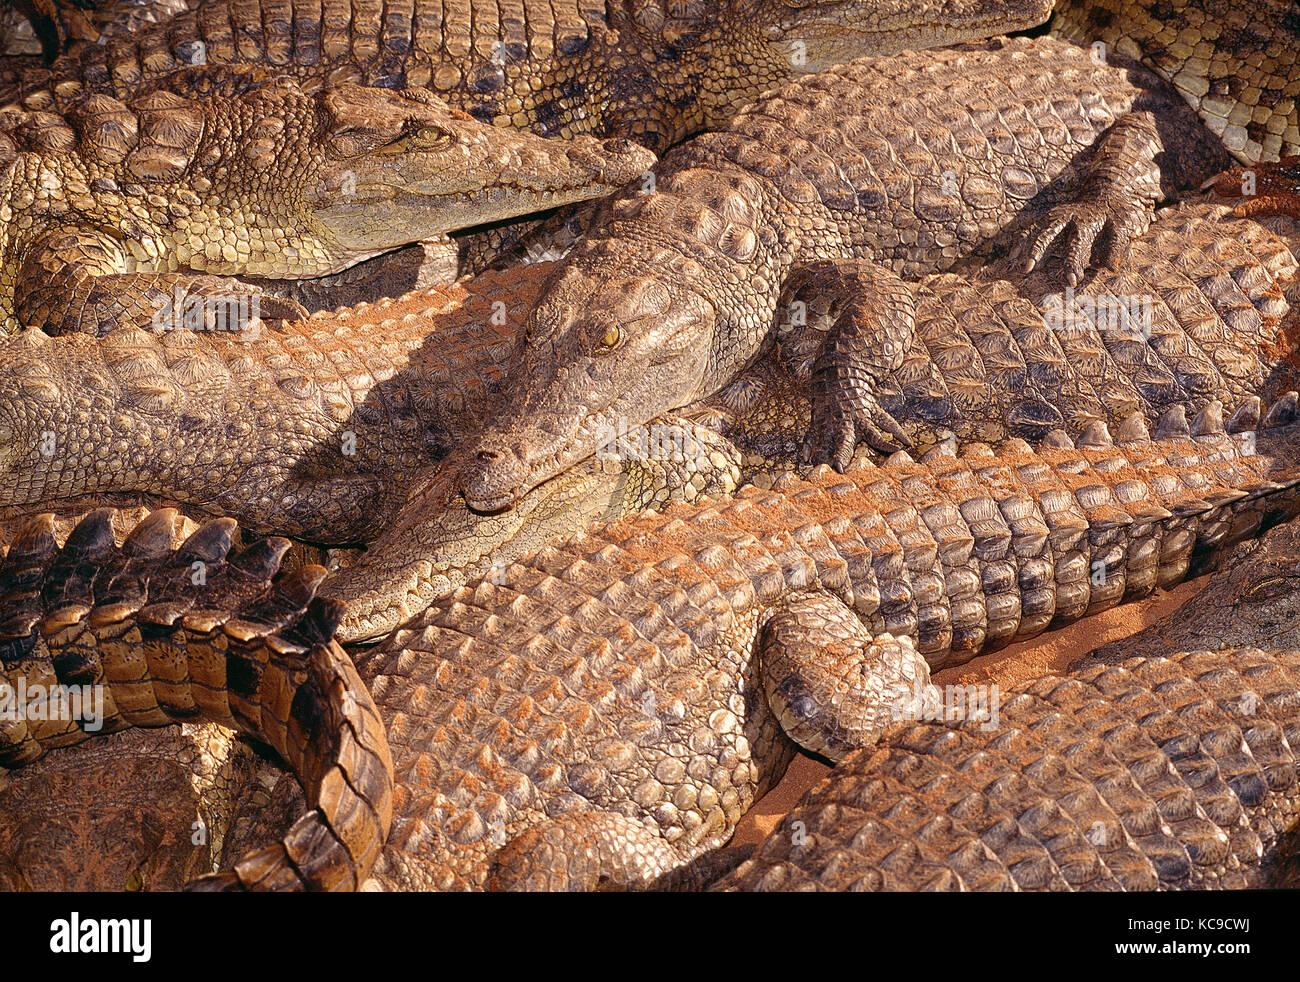 Zimbabwe. Wildlife. granja de cocodrilos del Nilo. Imagen De Stock